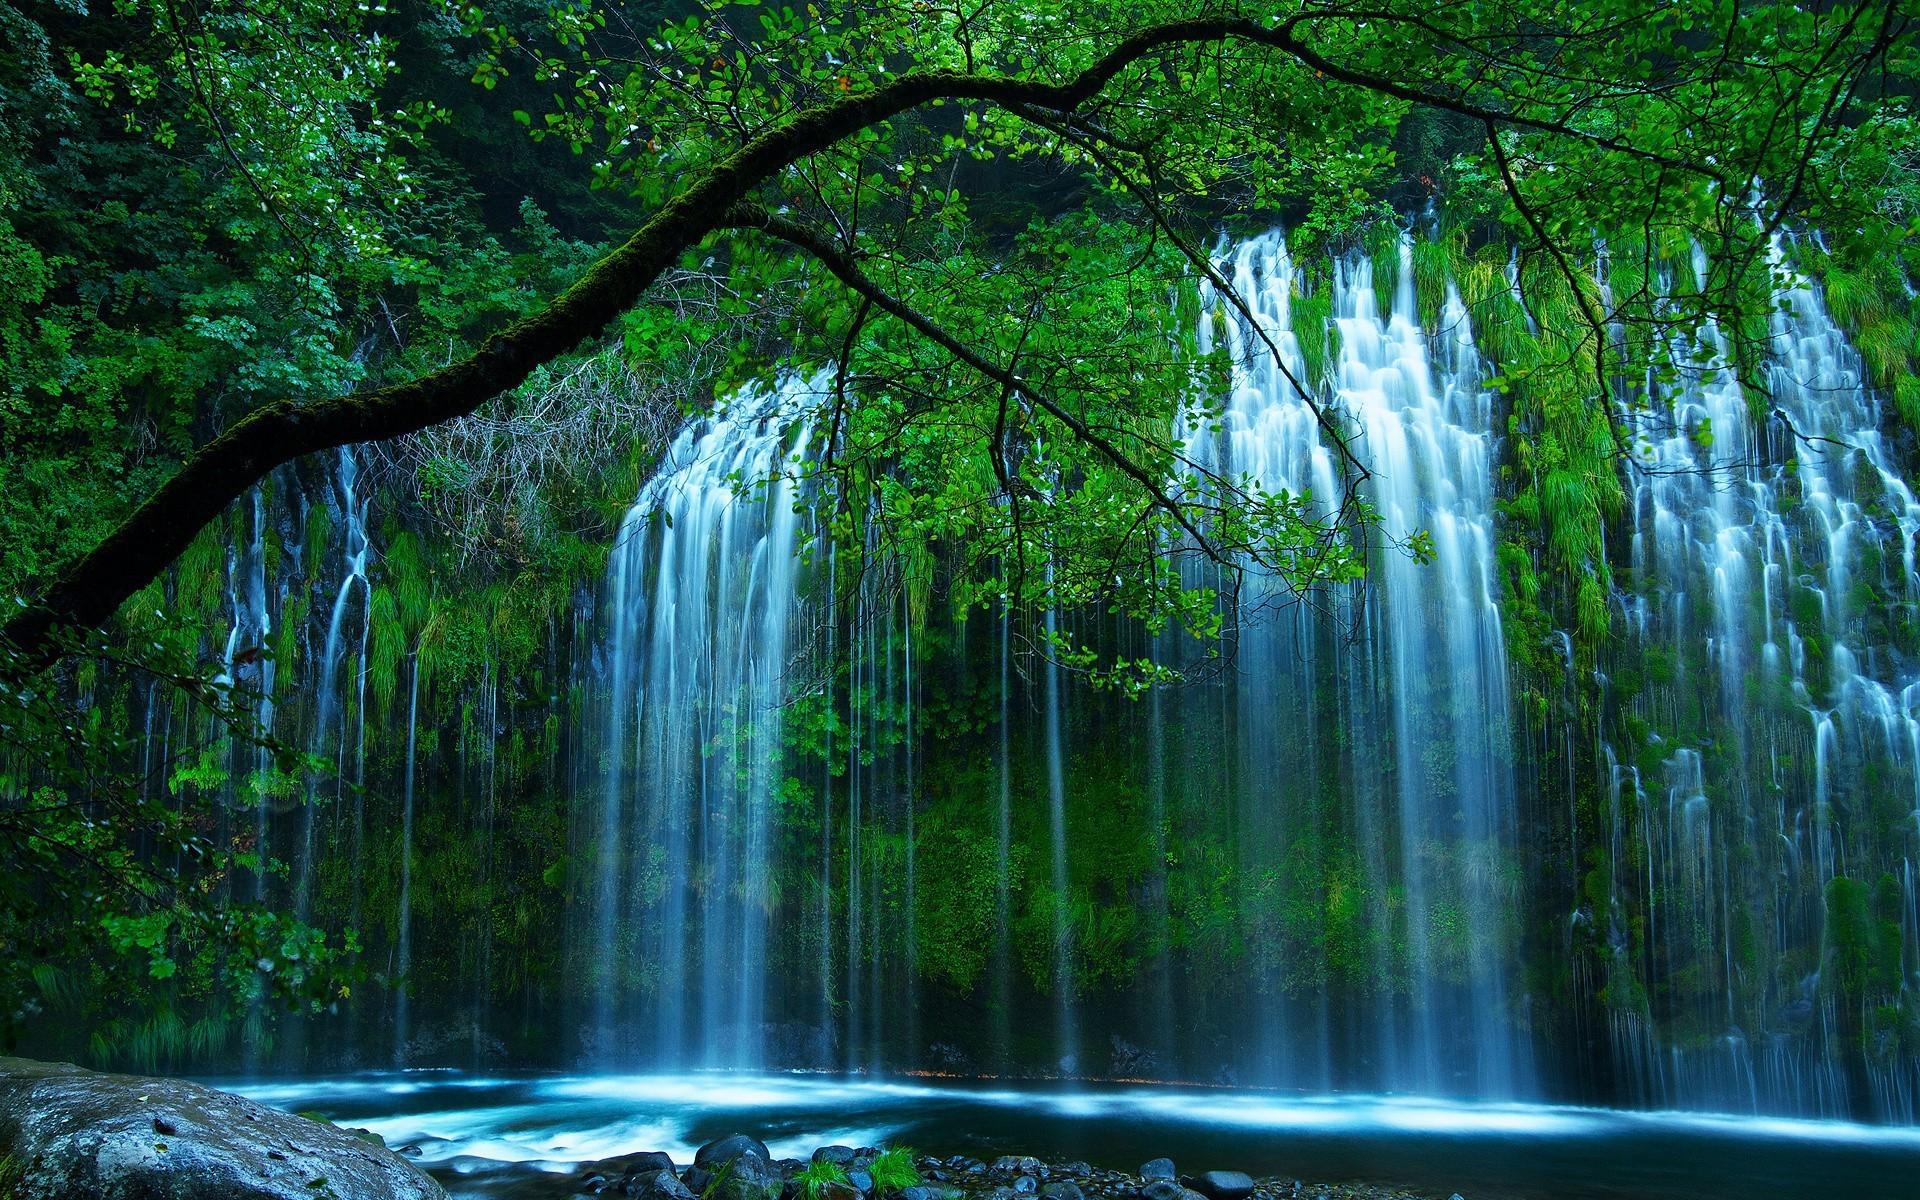 Водопад: обои и картинки на рабочий стол, скачать бесплатно на ...